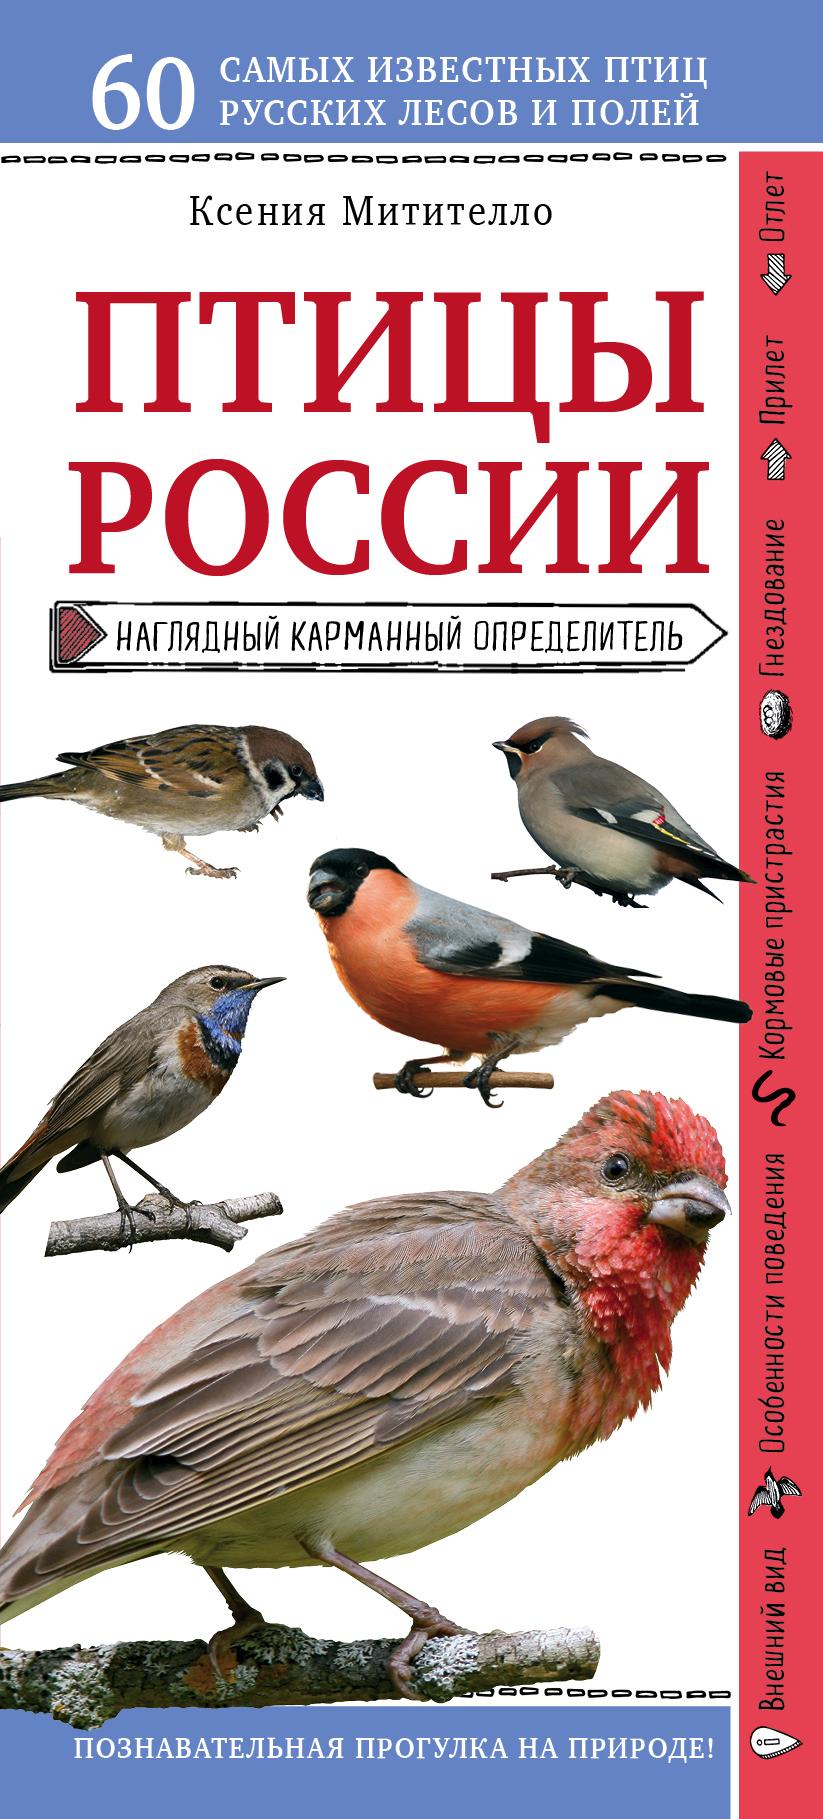 Купить книгу Птицы России. Наглядный карманный определитель, автора Ксении Митителло